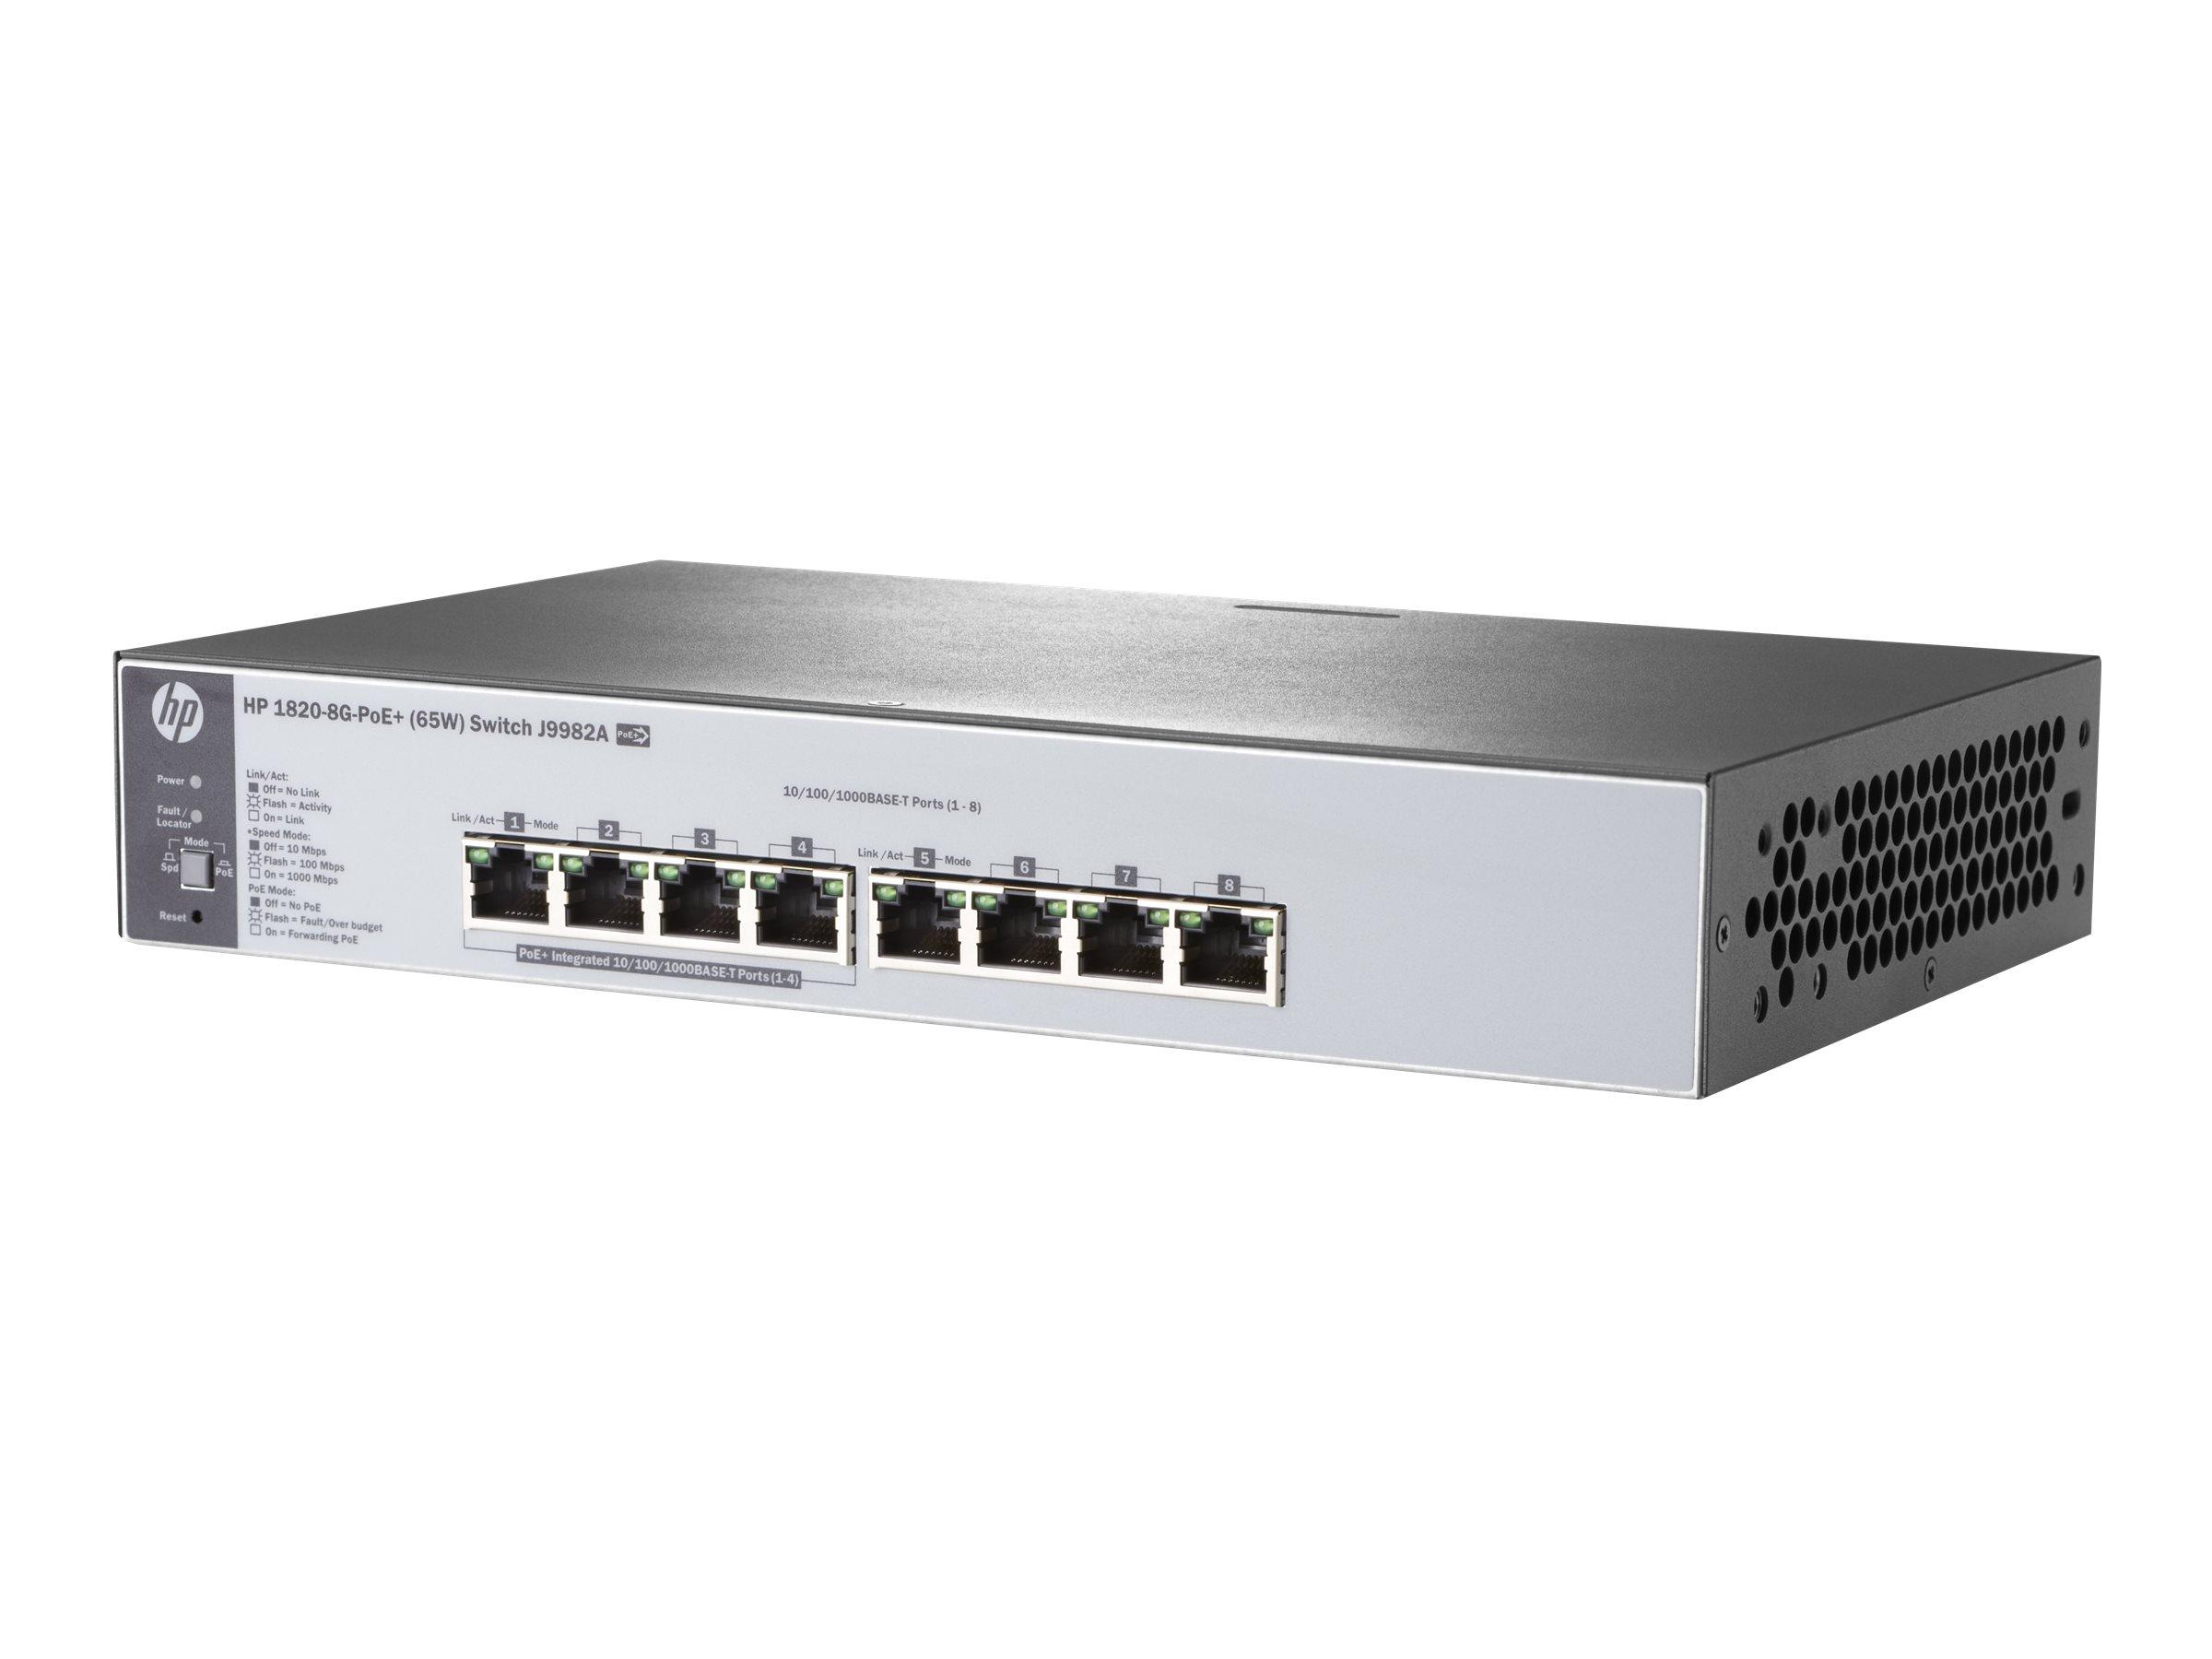 HP Enterprise 1820-8G-PoE+ (65W) - Switch